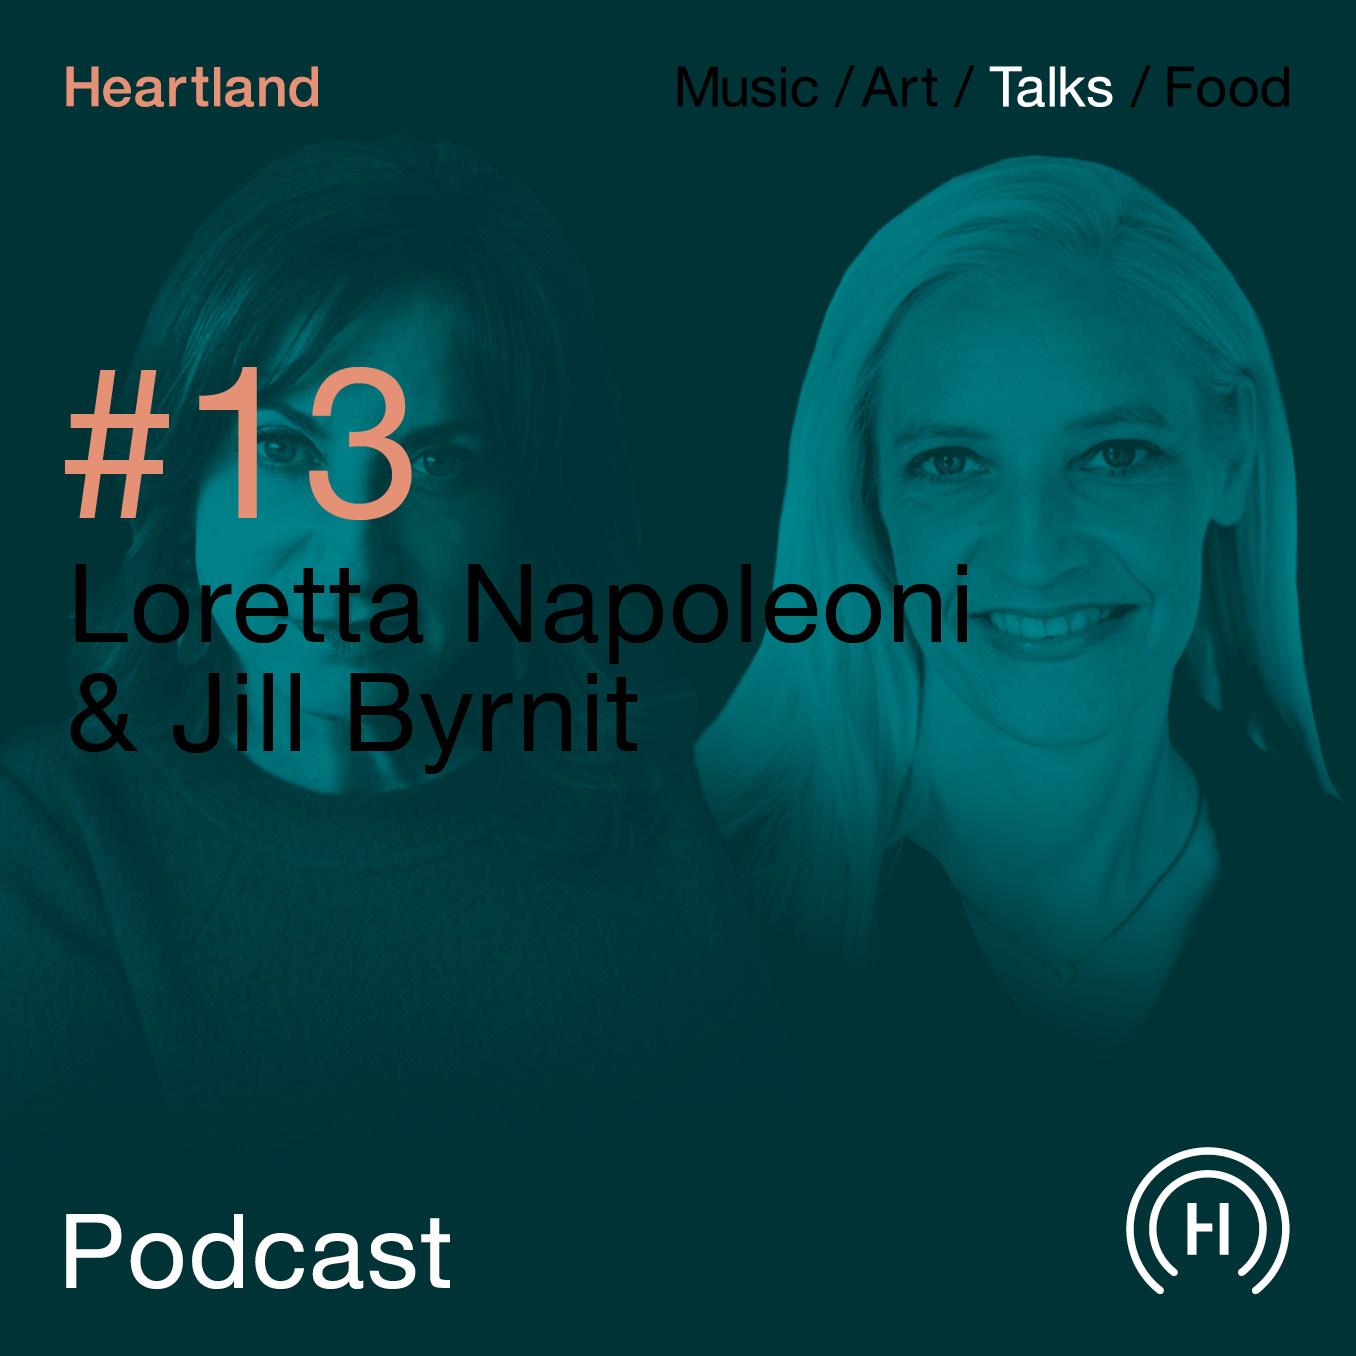 Heartland_Podcast_13.jpg